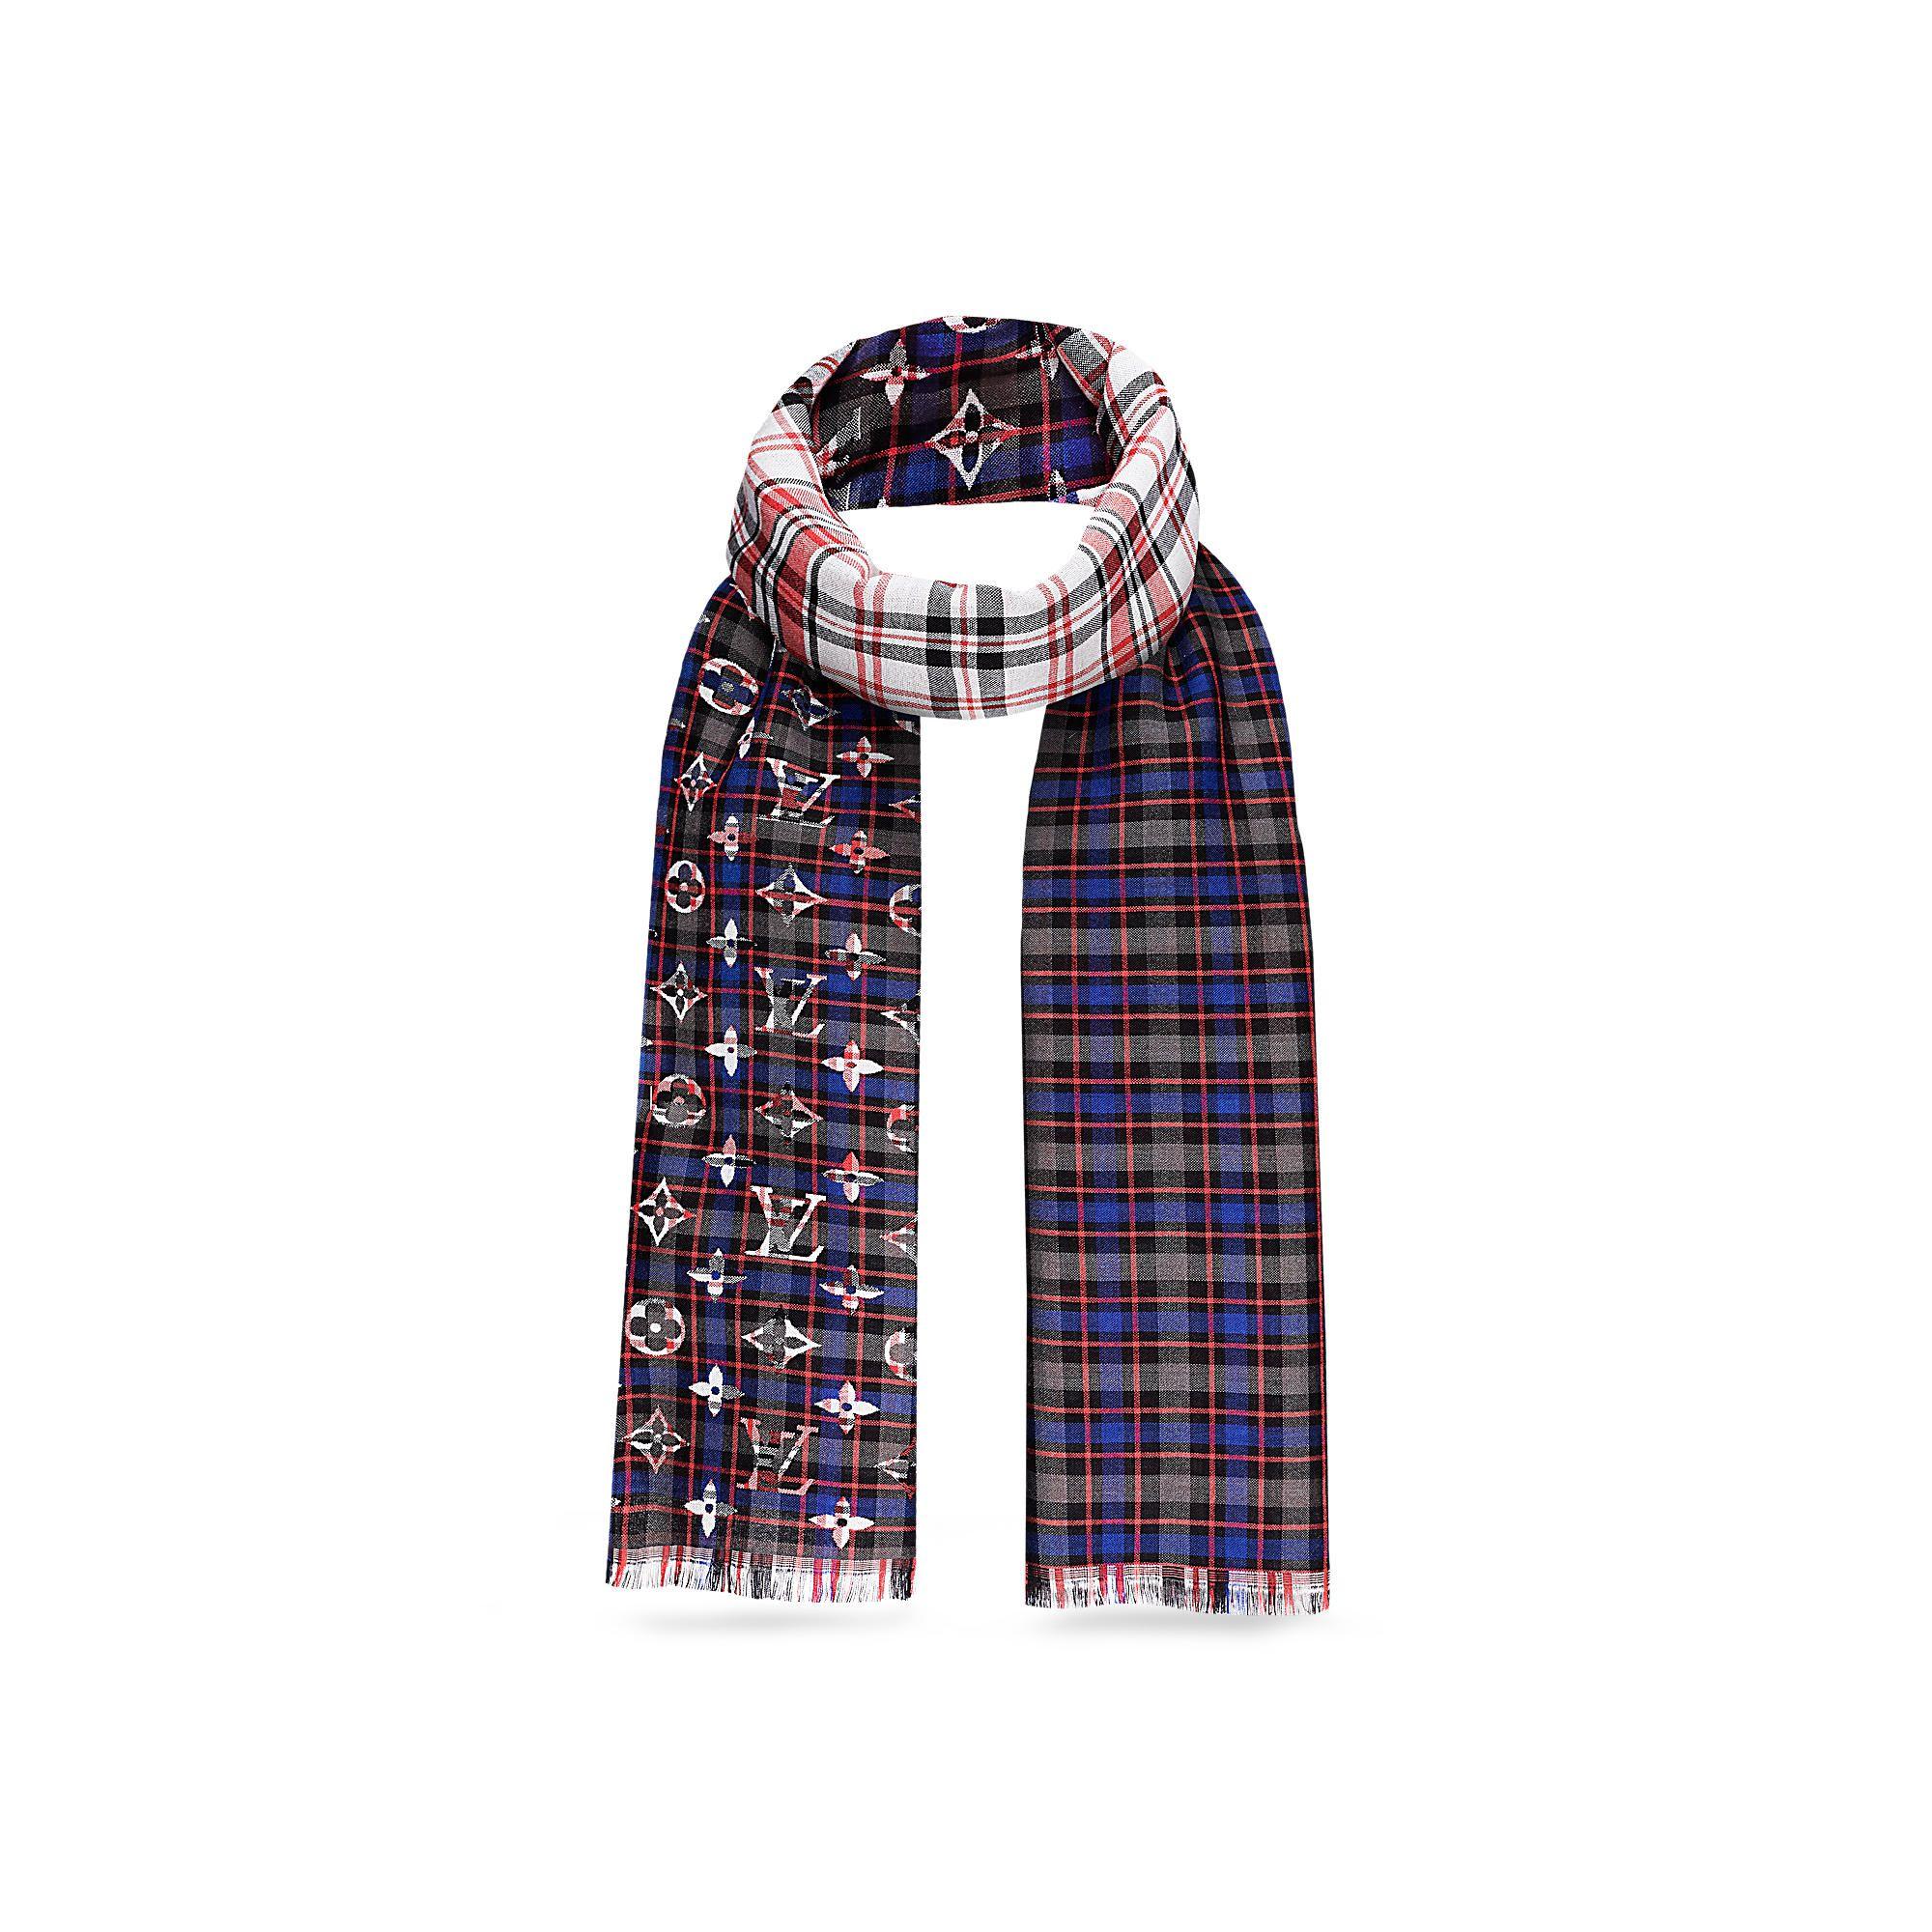 2c431470280c7 Discover Louis Vuitton Monogram Tartan Stole via Louis Vuitton